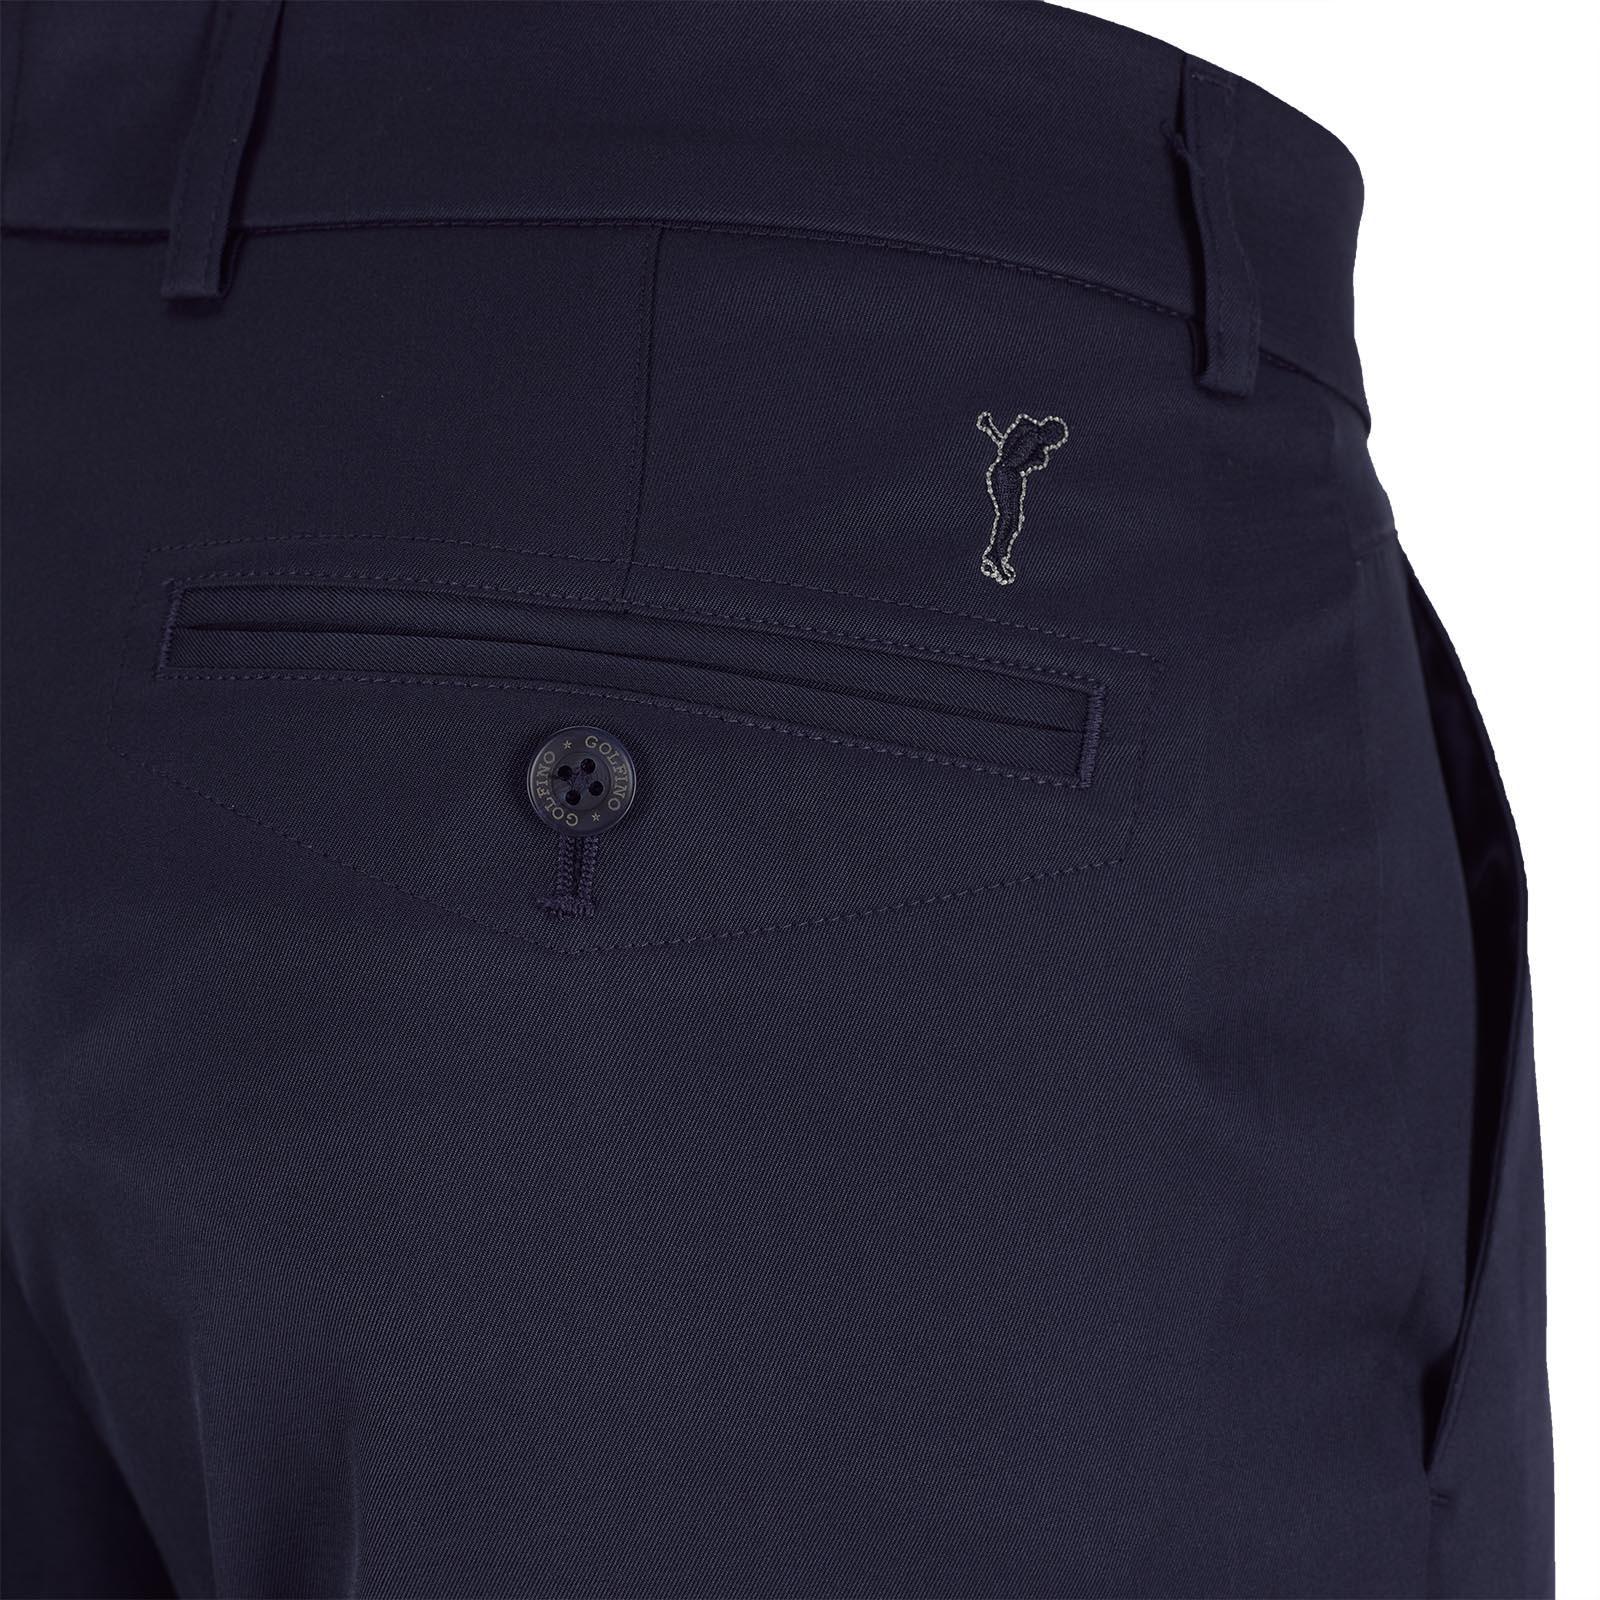 Quick Dry Performance Herren Stretch Golfhose für höchste Ansprüche